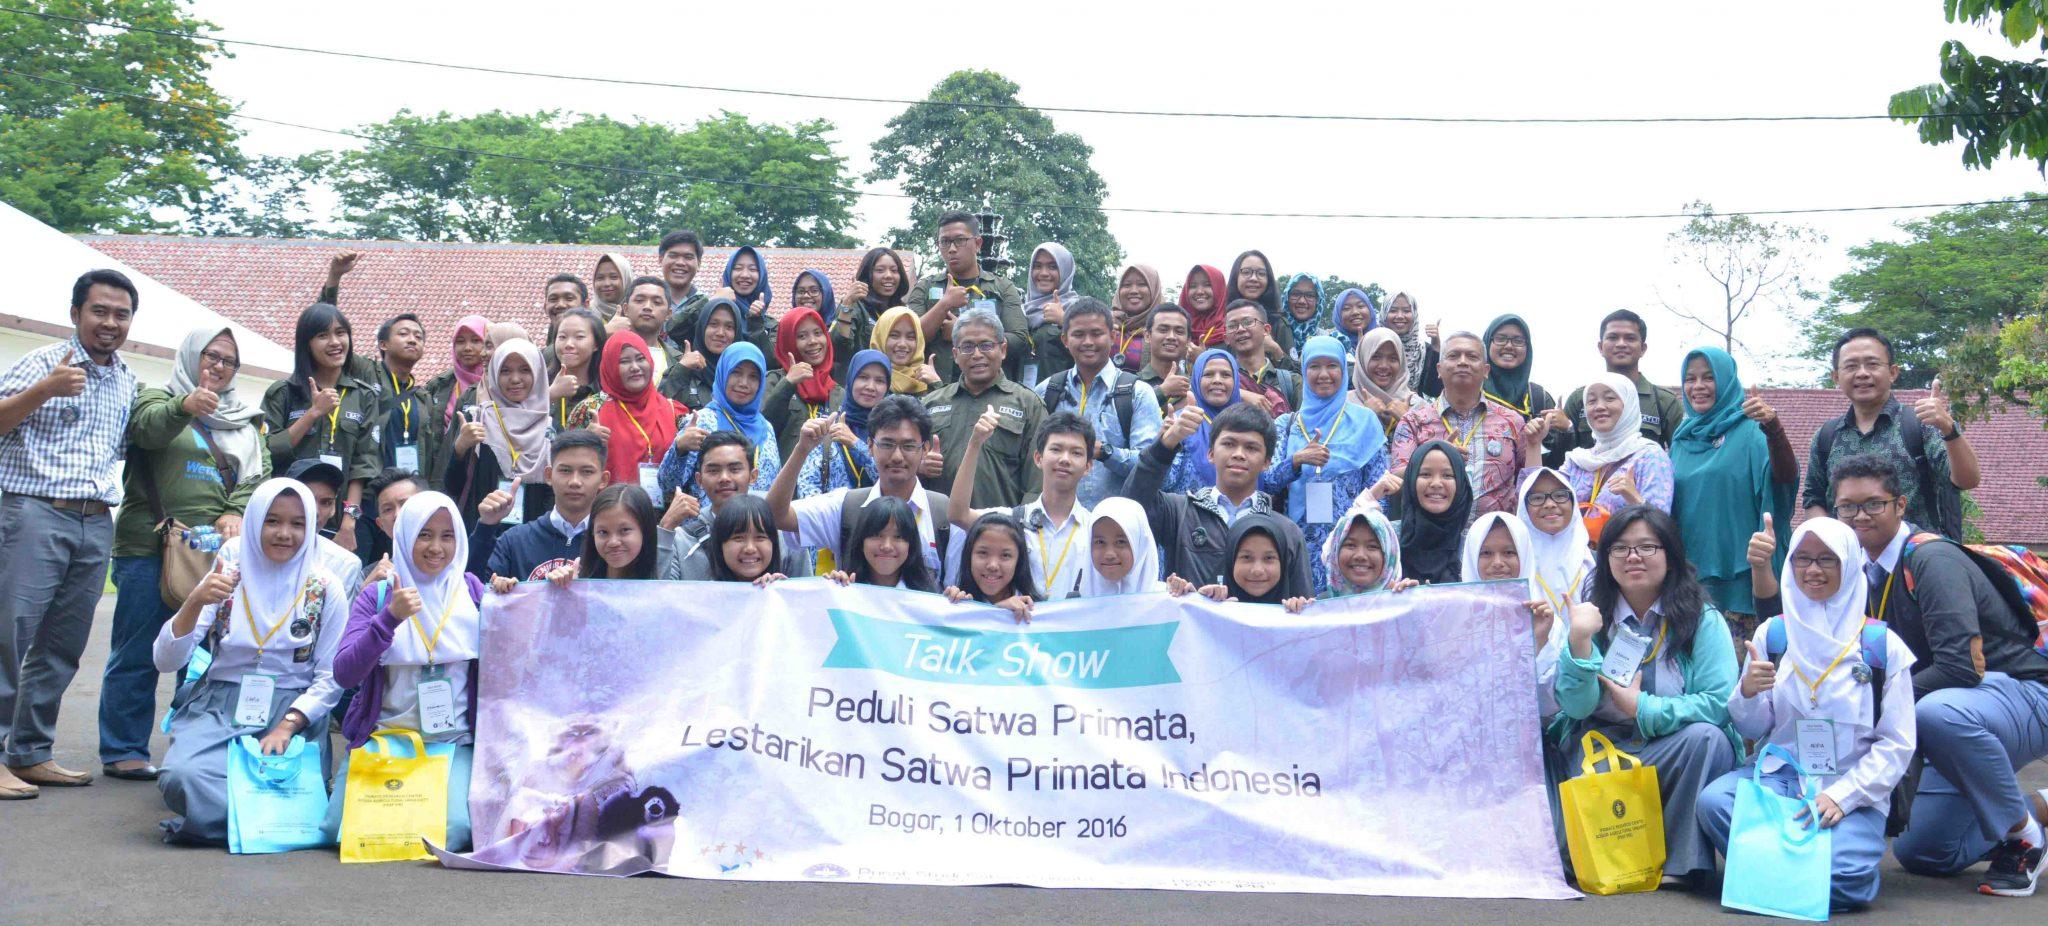 Foto Bersama Peserta, Pembicara dan Himpro Satwaliar FKH-IPB